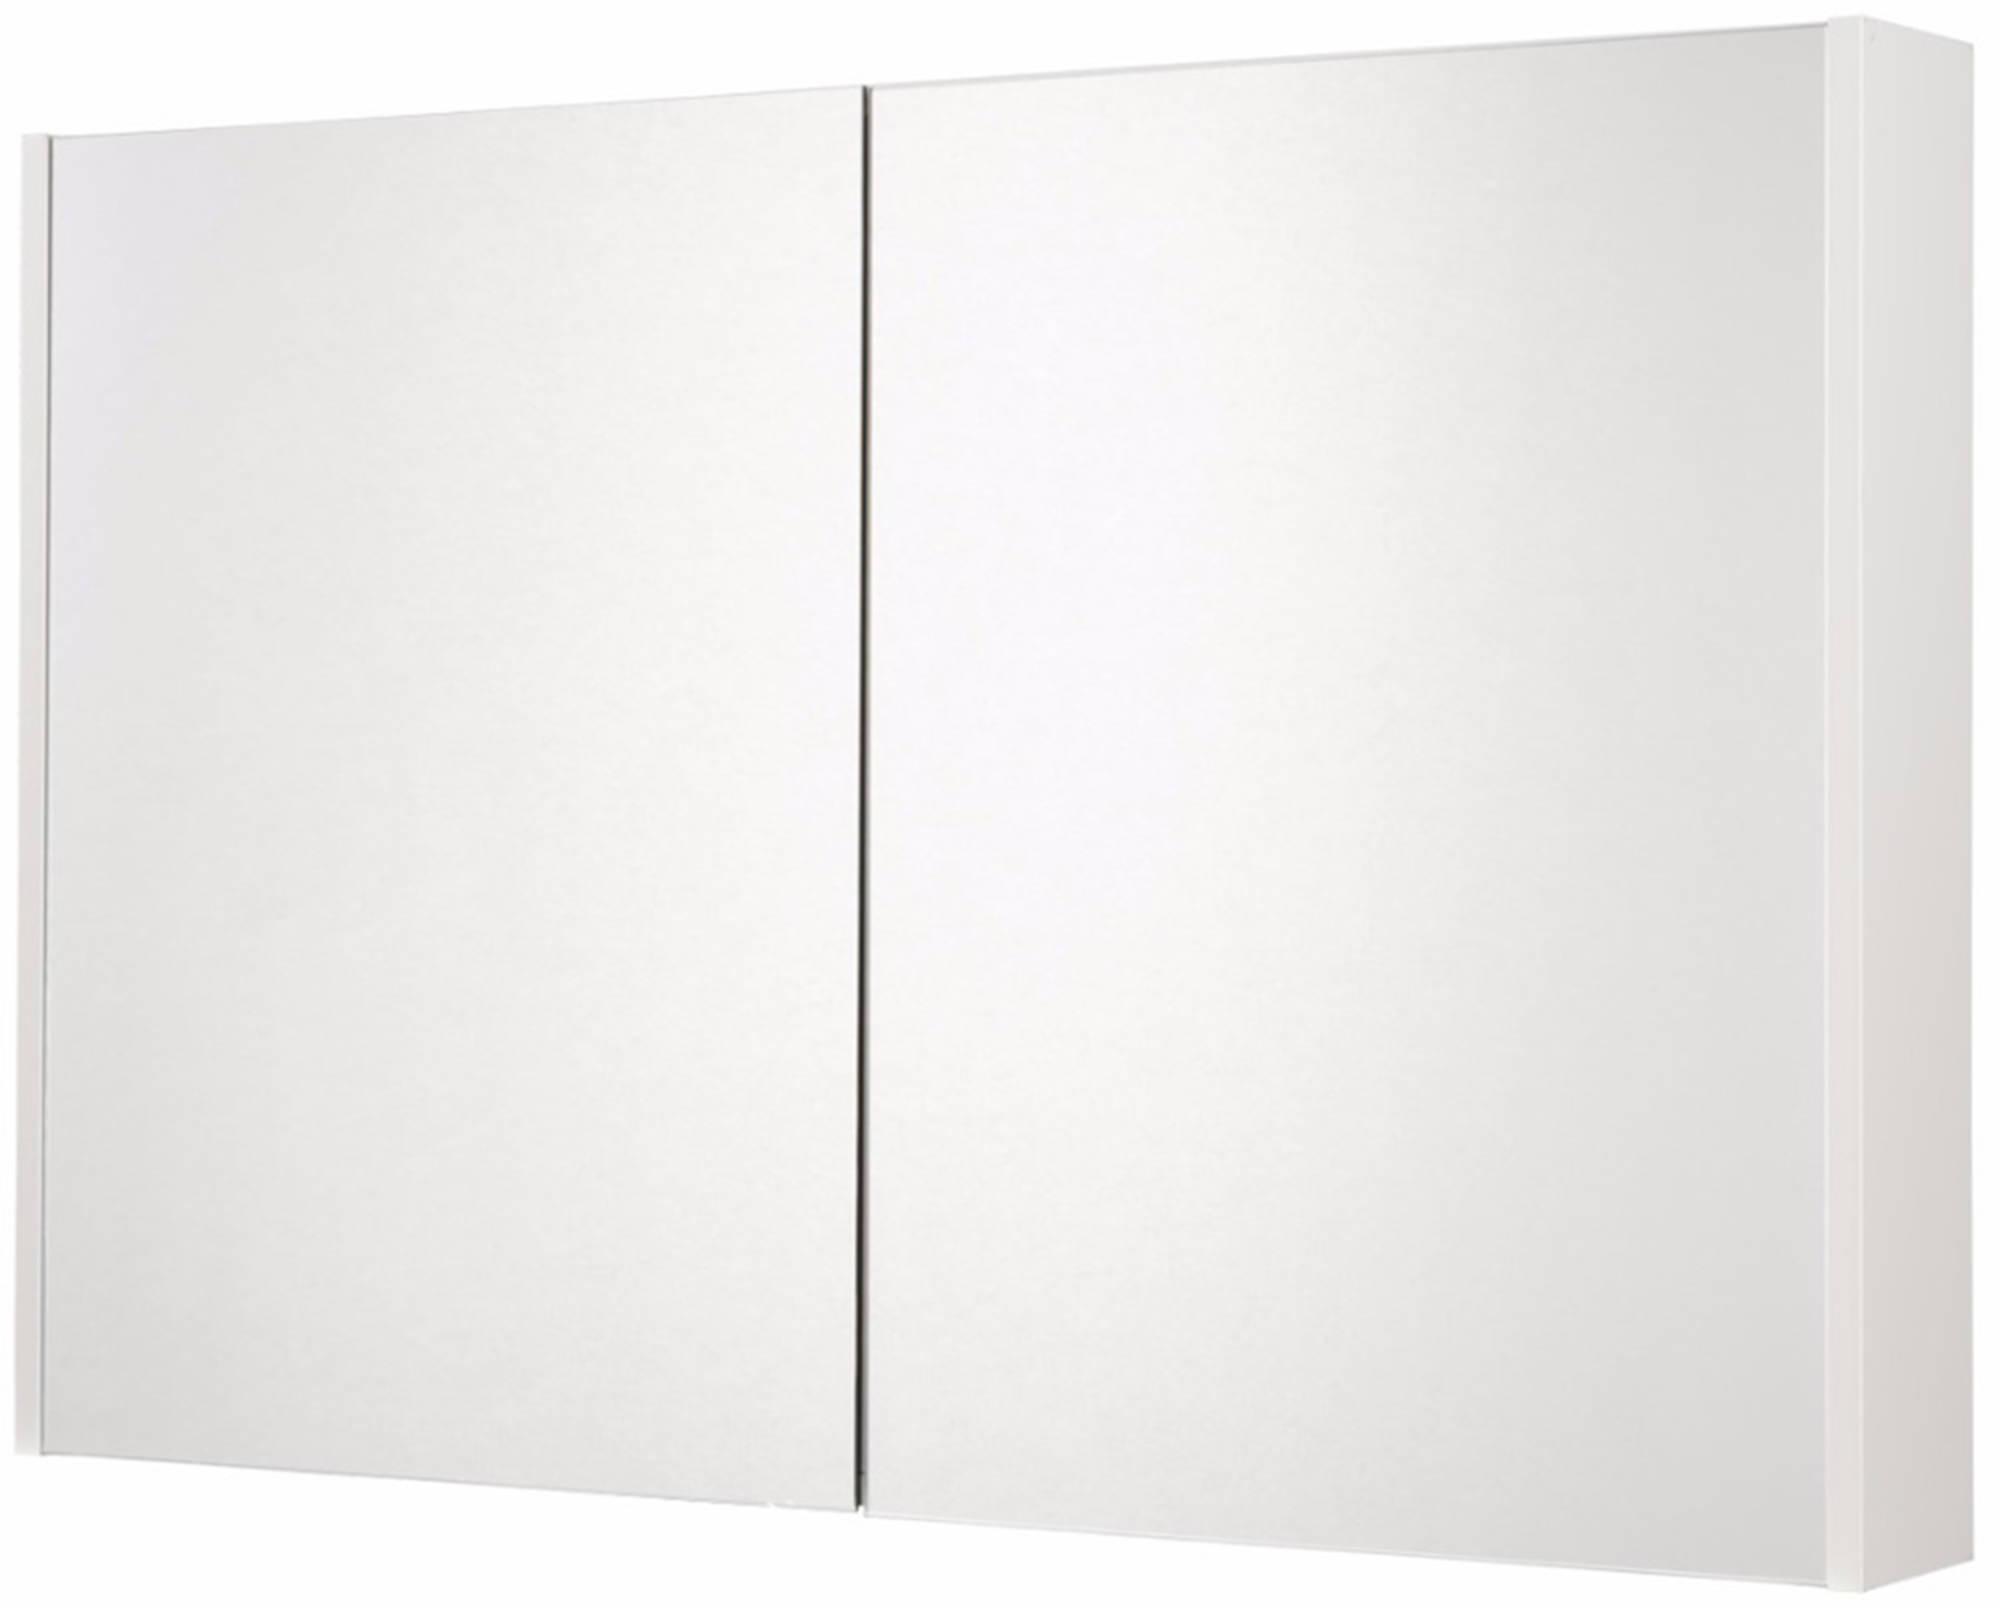 Saniselect Socan Spiegelkast 2 deuren 100cm Mat Wit